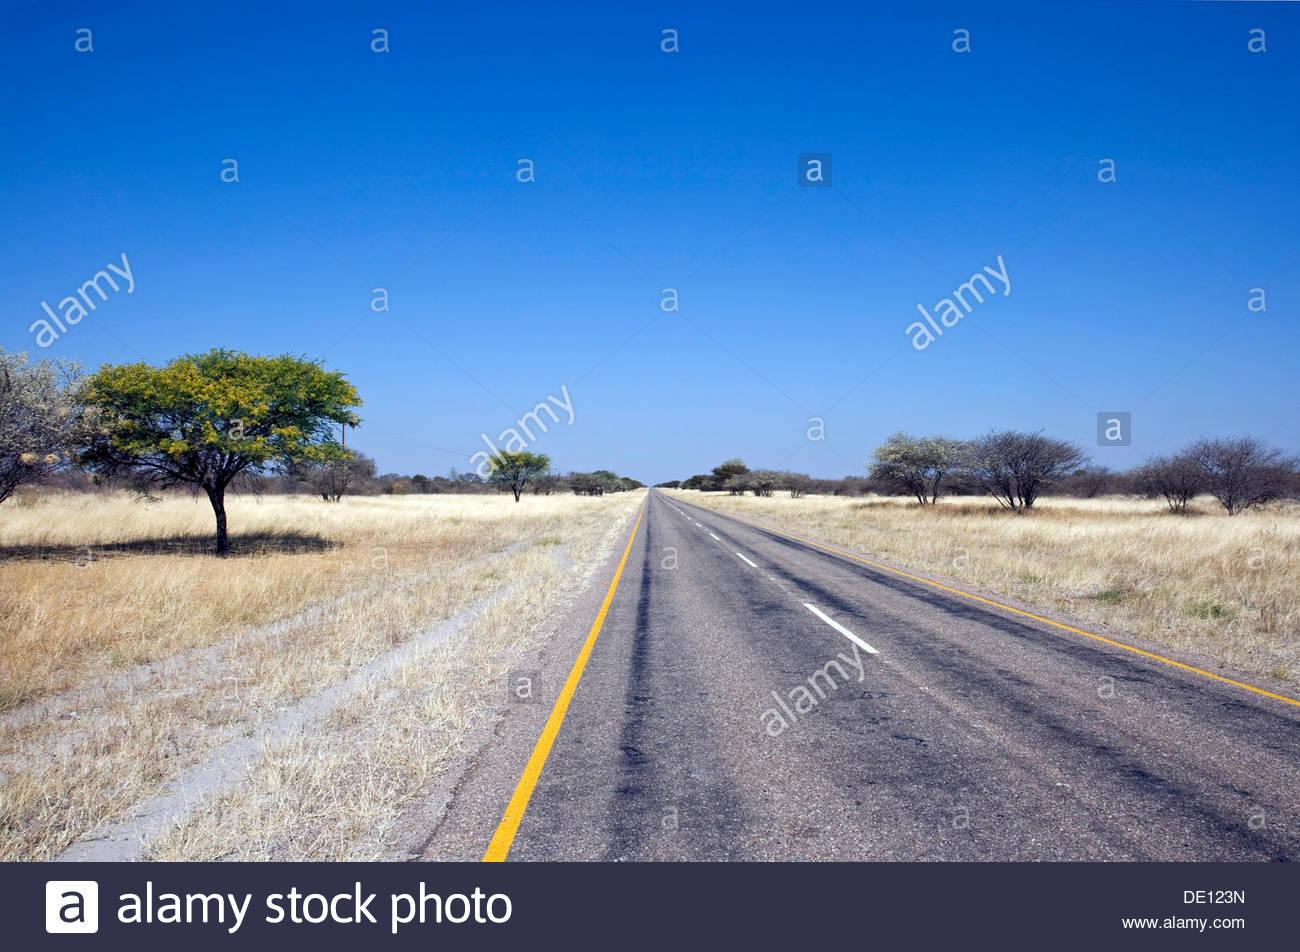 Straight road leading to the horizon, Botswana, Africa Stock Photo